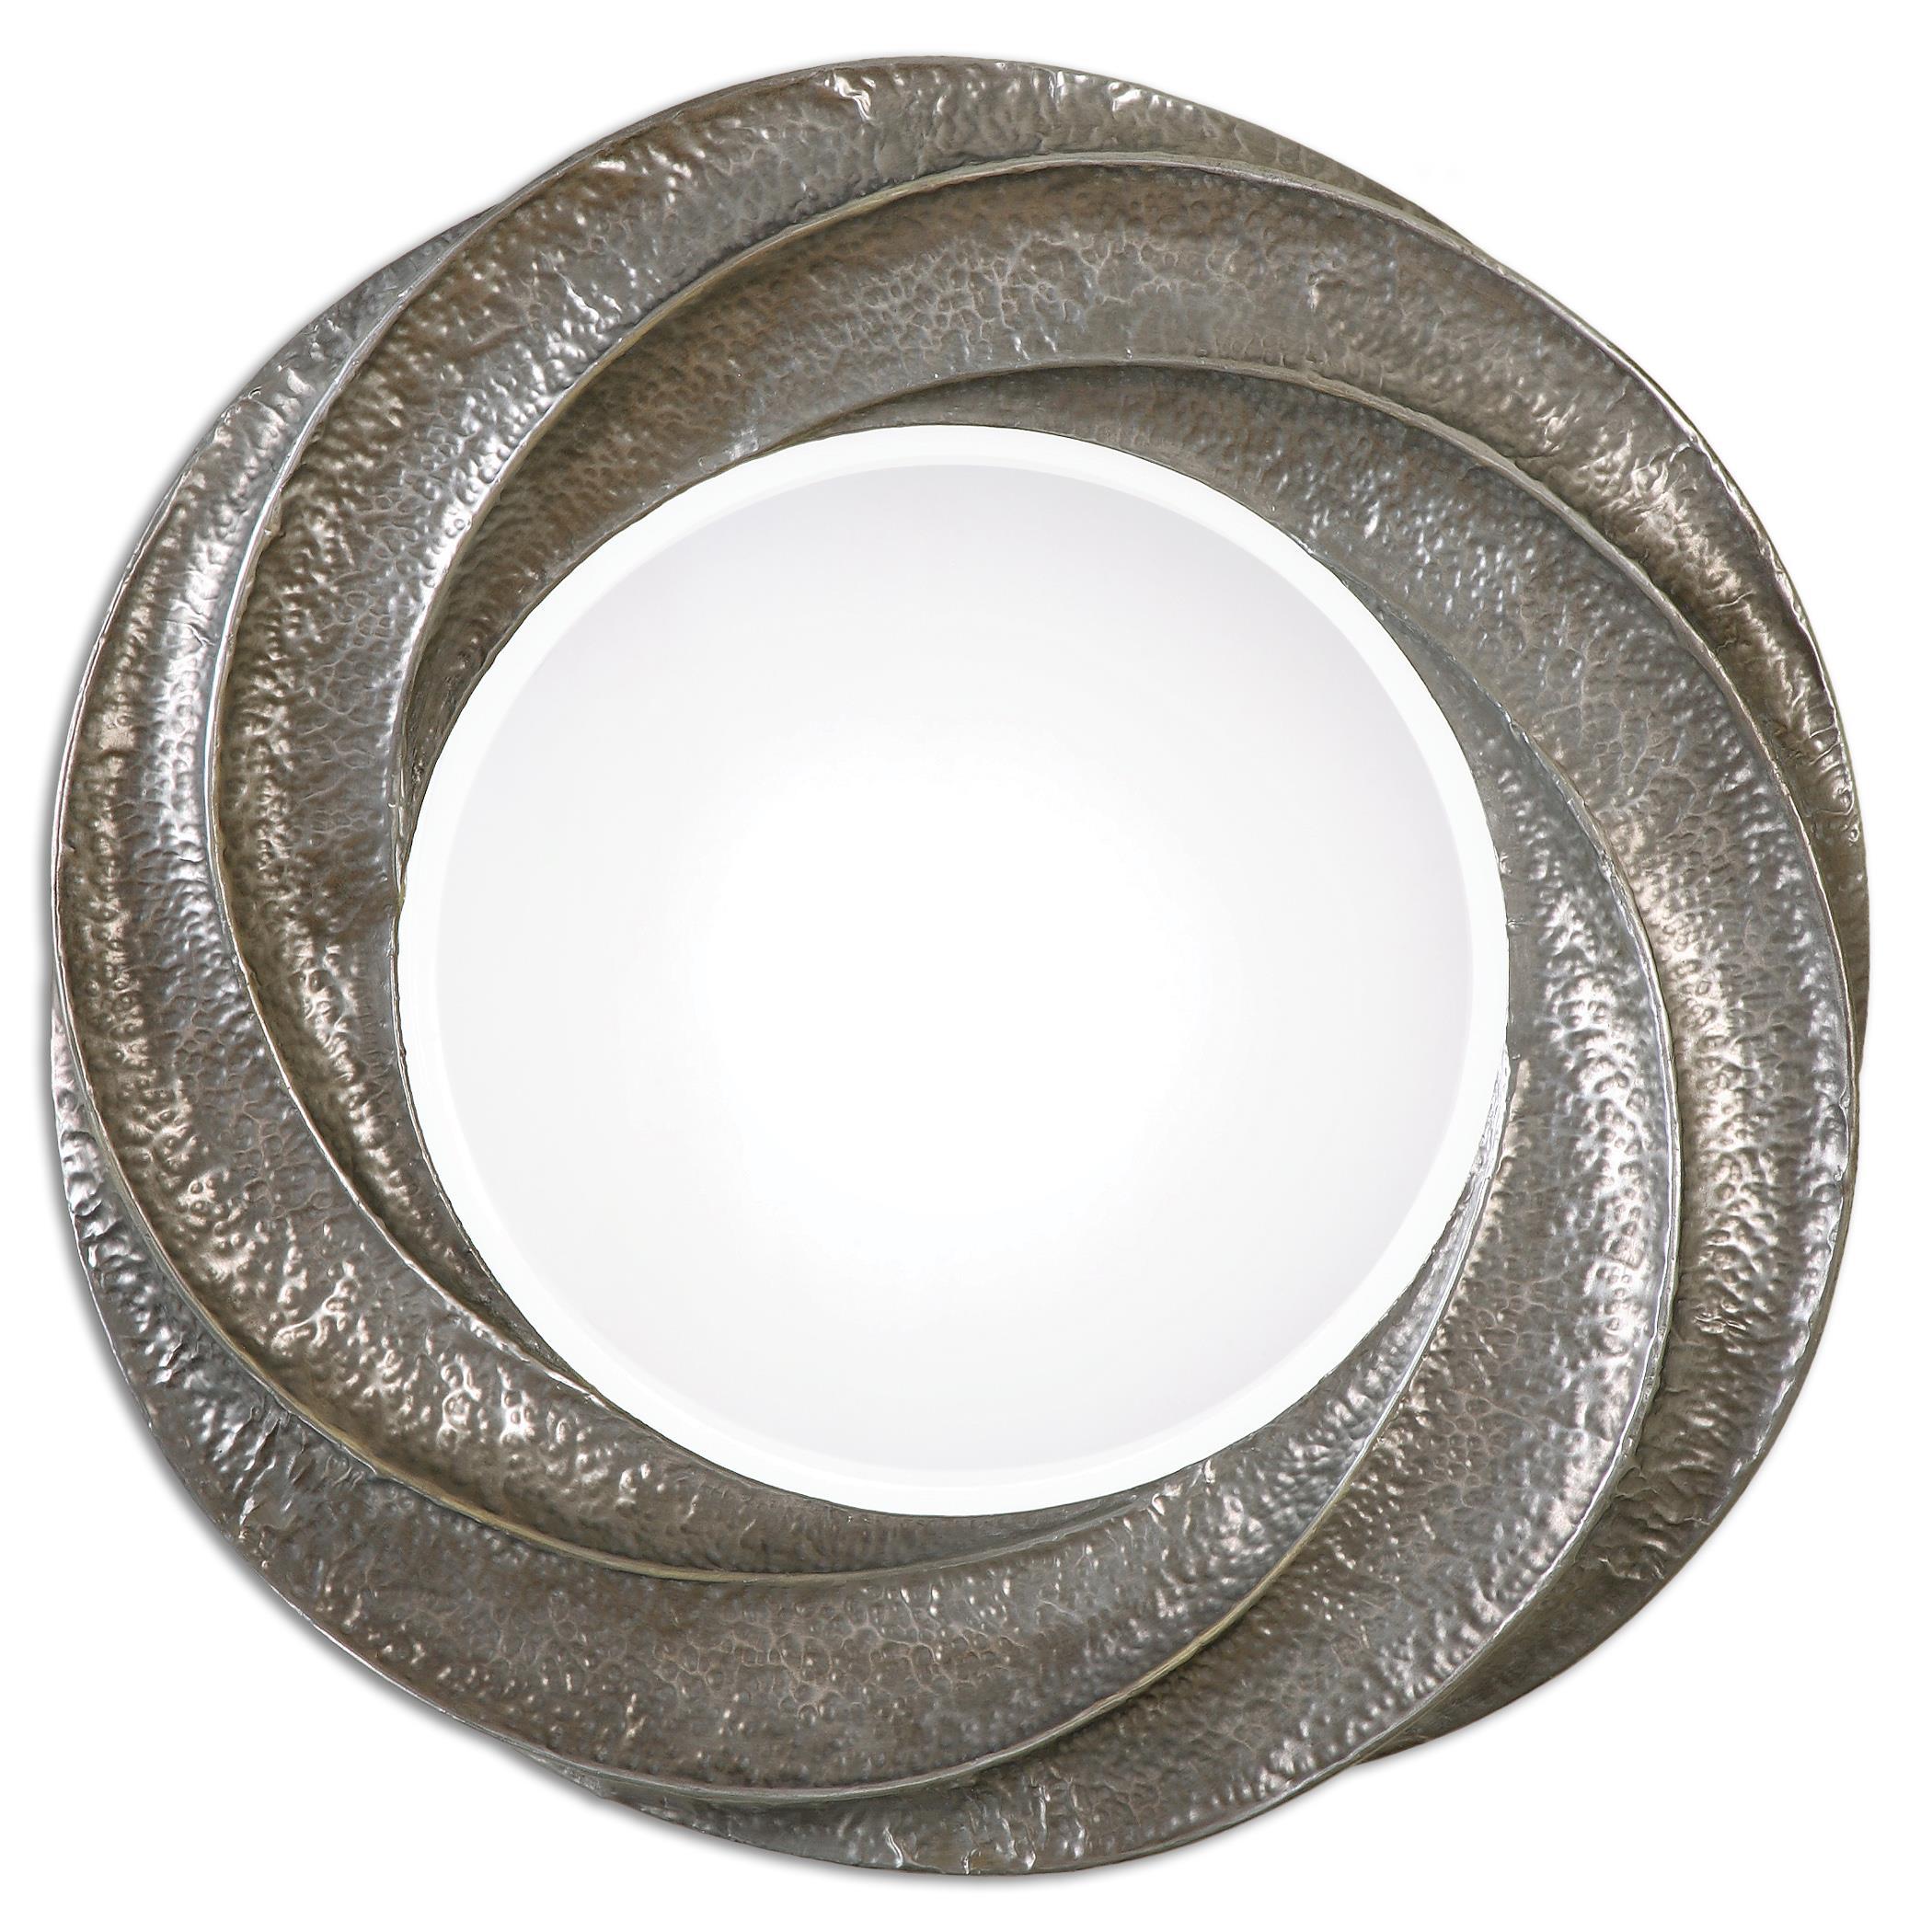 Uttermost Mirrors Spiraali Round Silver Wall Mirror - Item Number: 12922